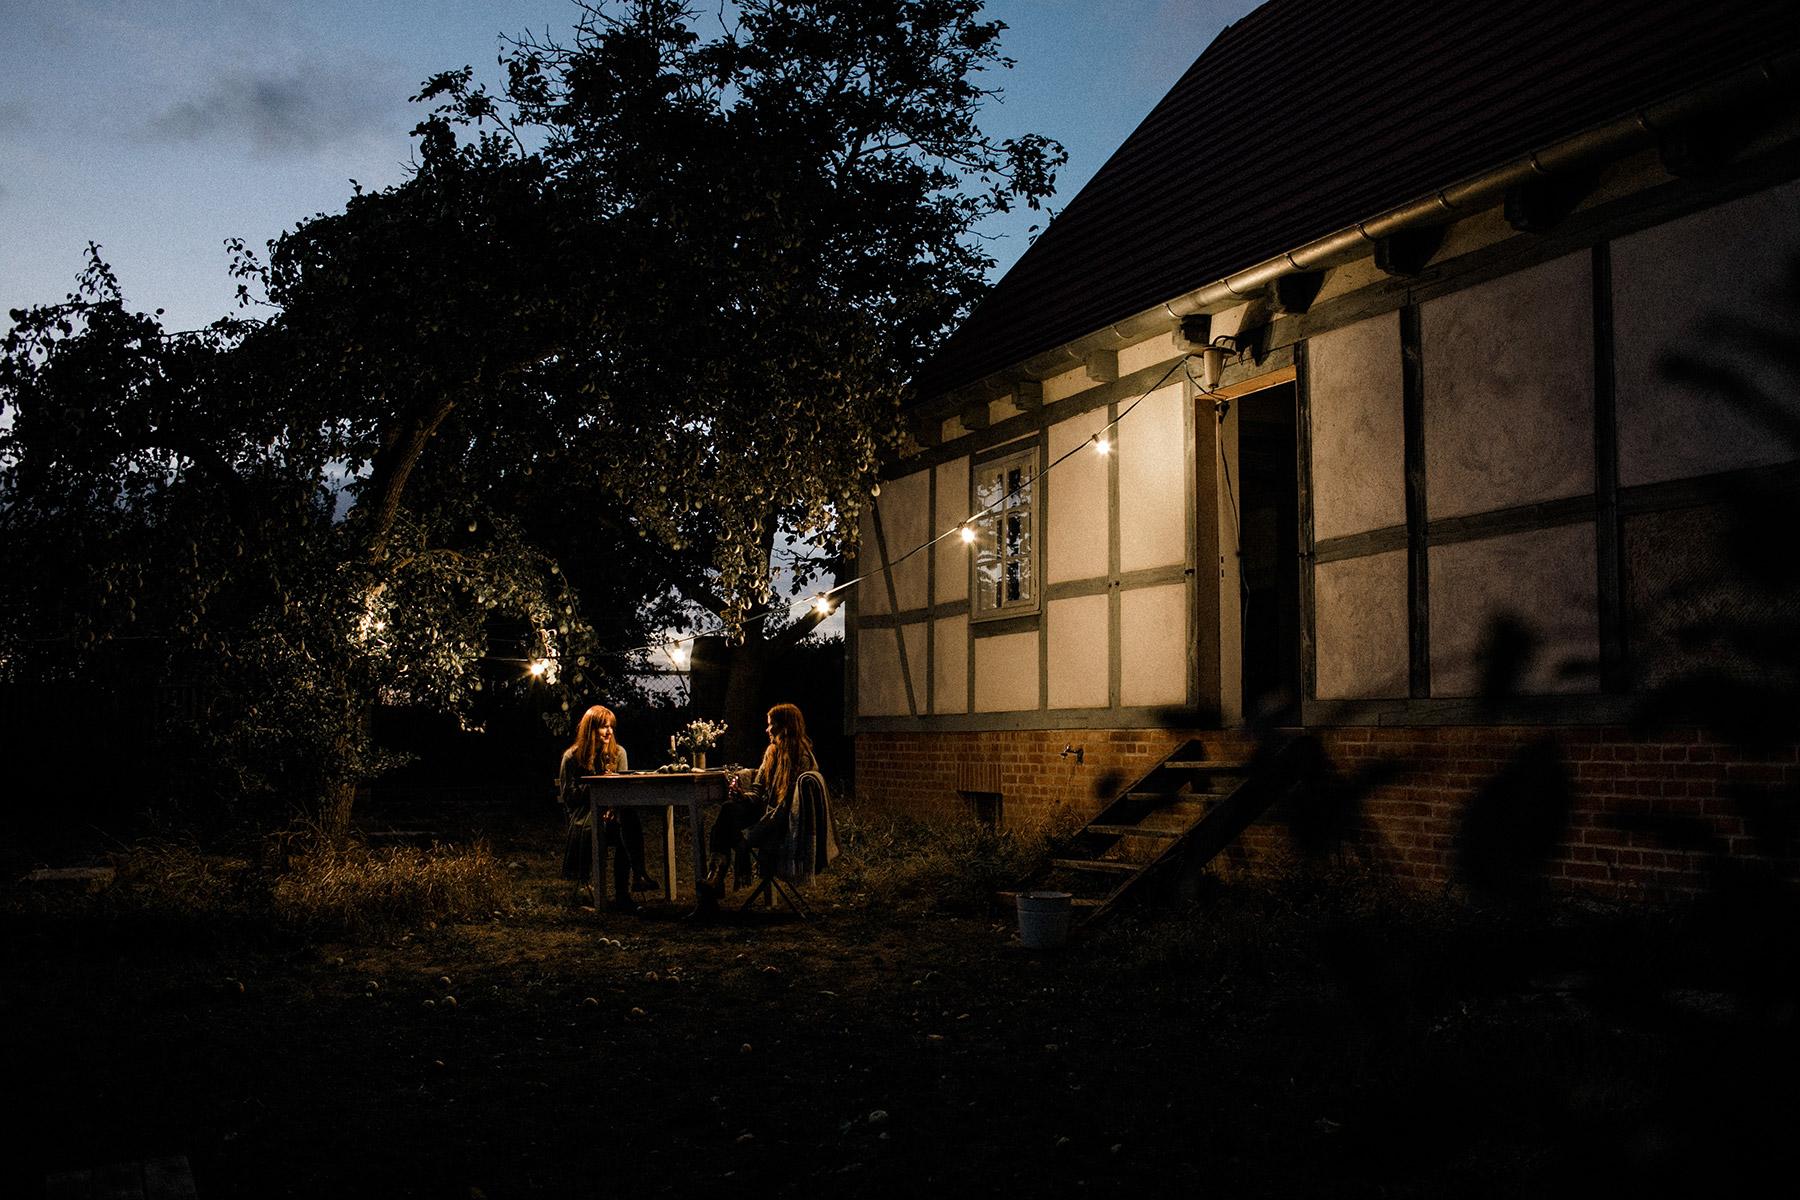 urbanara-lifestyle-fotografin-werbefotografie-berlin-24